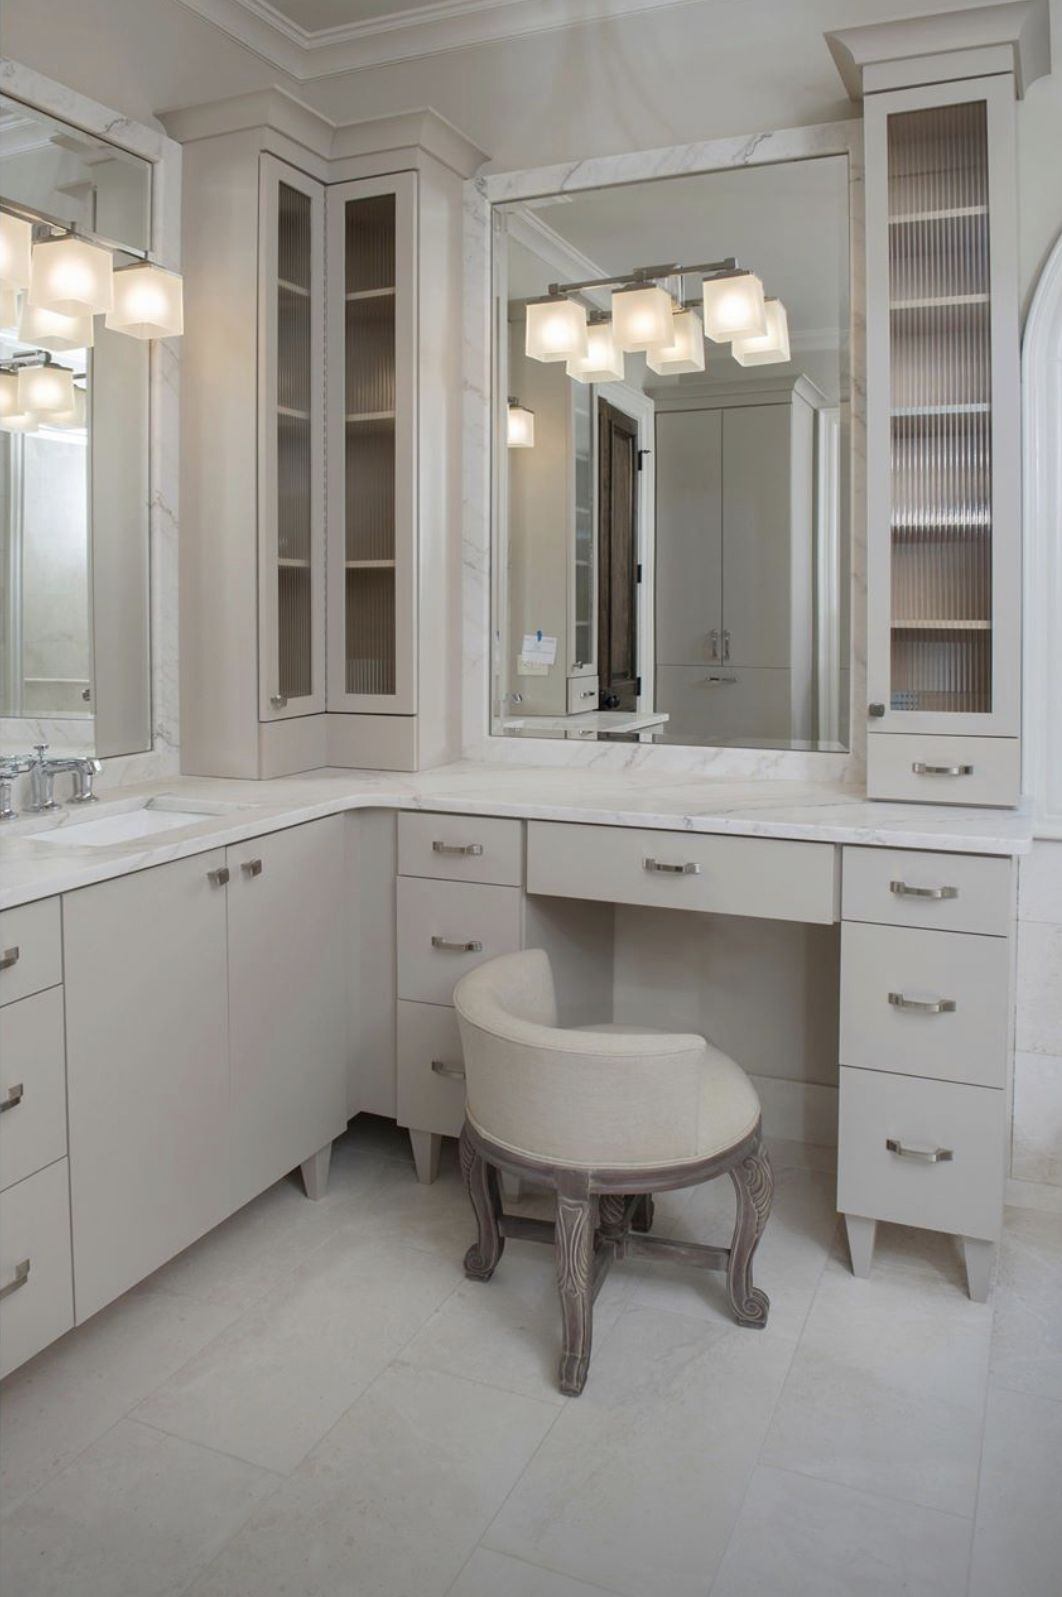 Vanity In Bathroom In 2020 Bathroom Vanity Stool Bathroom Vanity Chair Master Bathroom Vanity